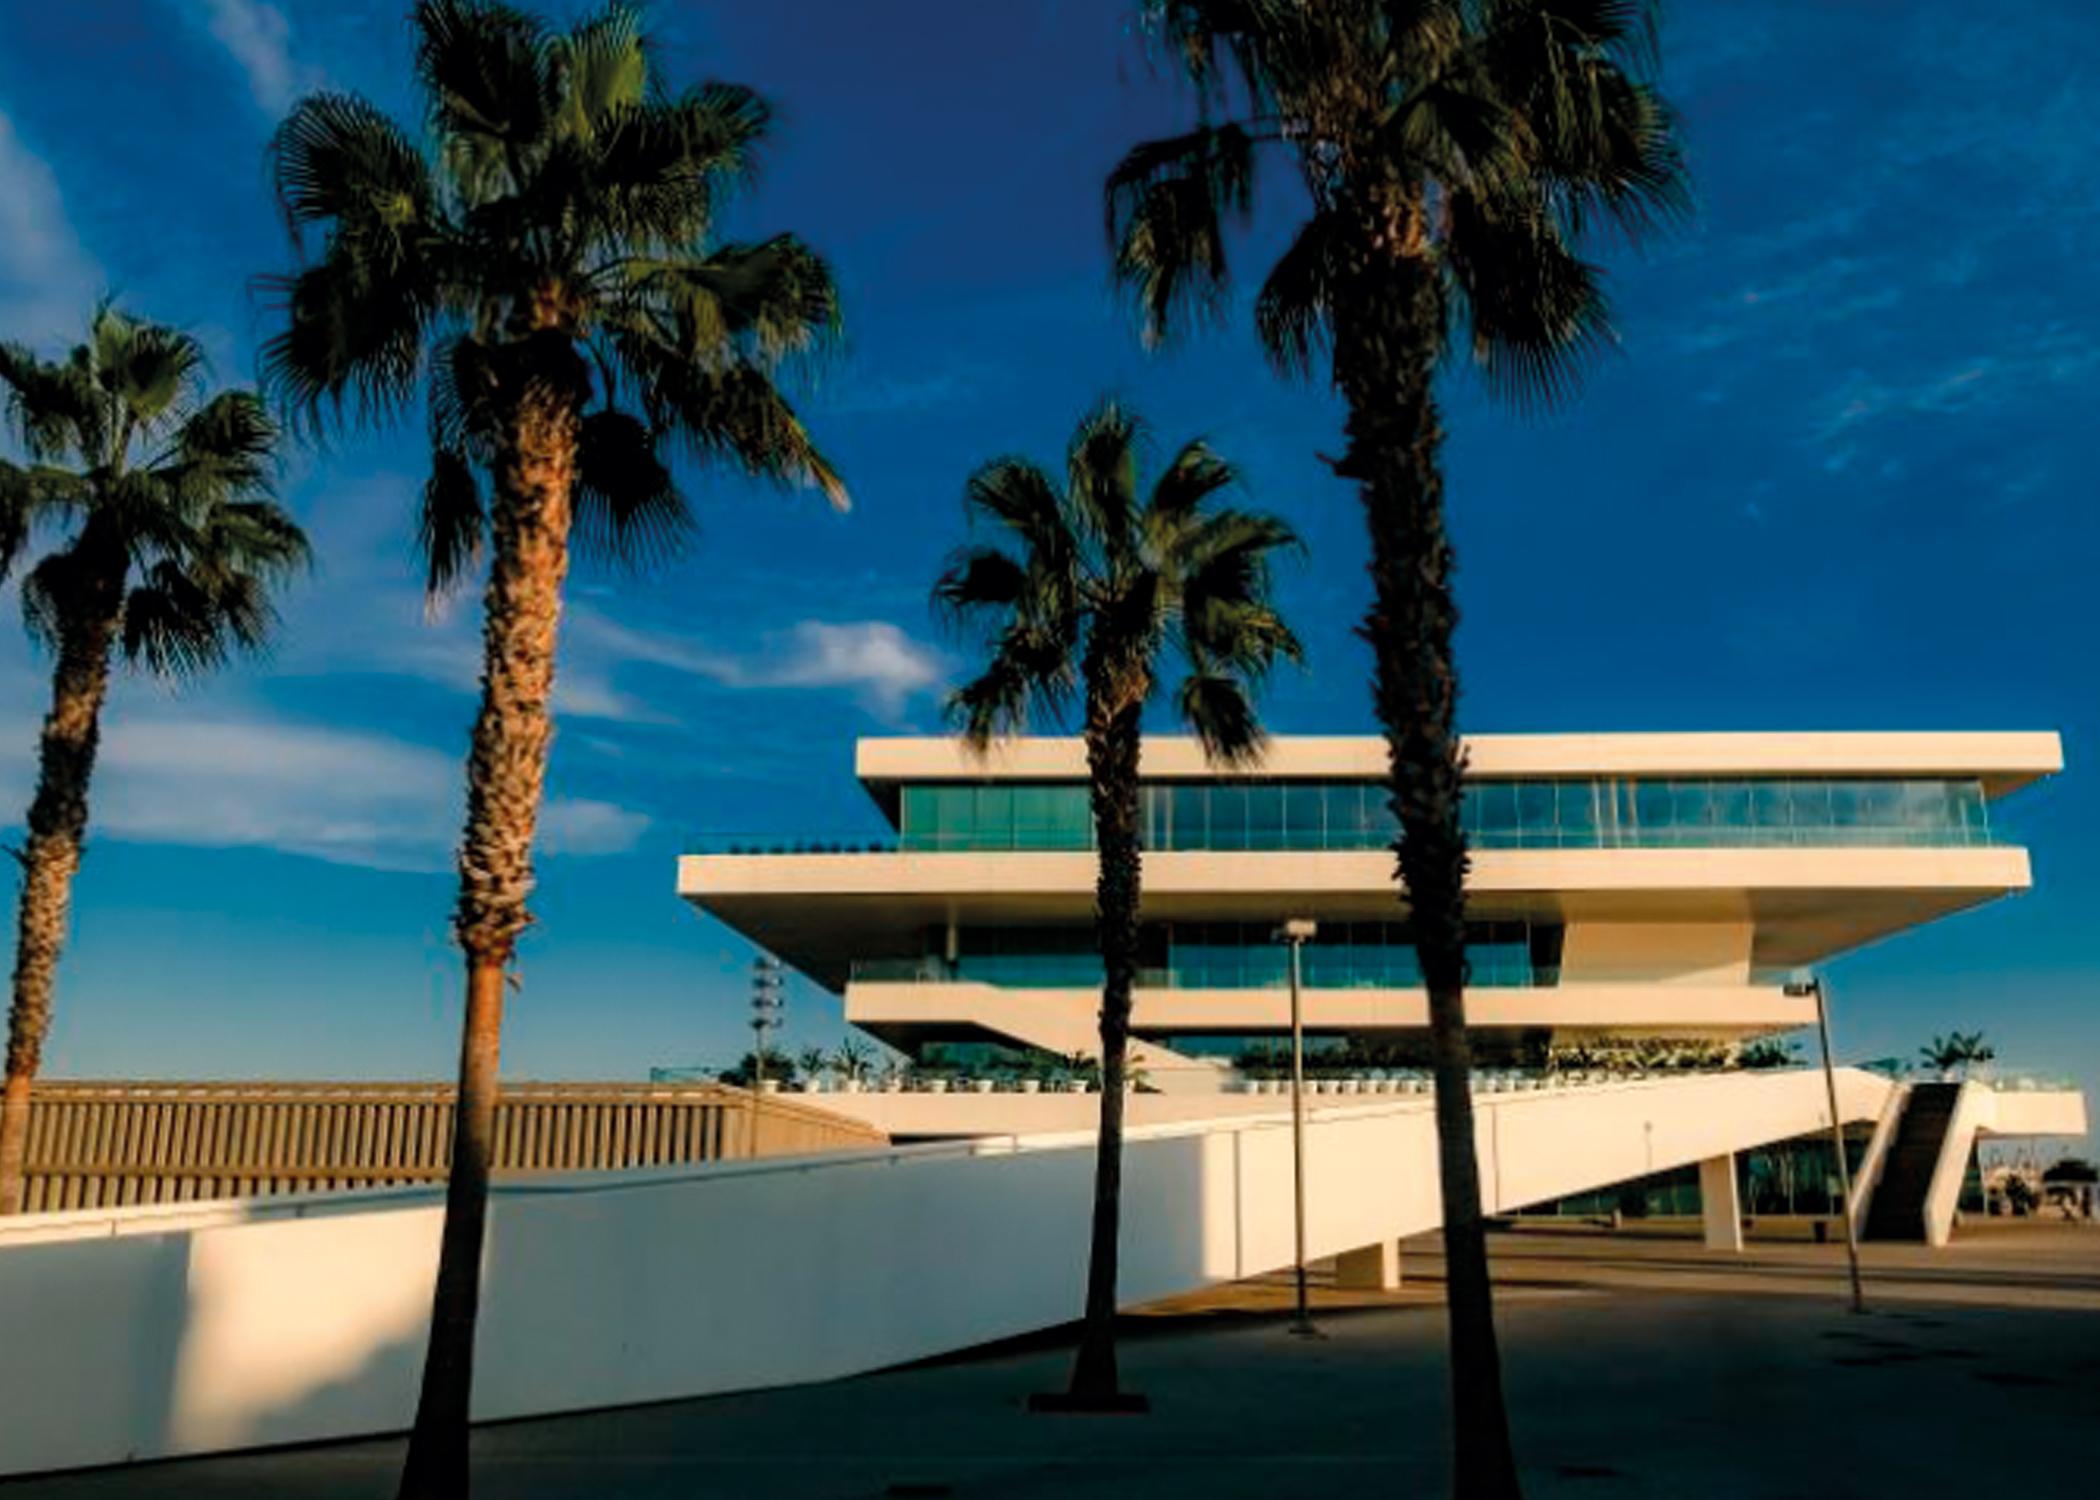 Valencia Film Office confirma su asistencia a la primera edición de Shooting Locations Marketplace